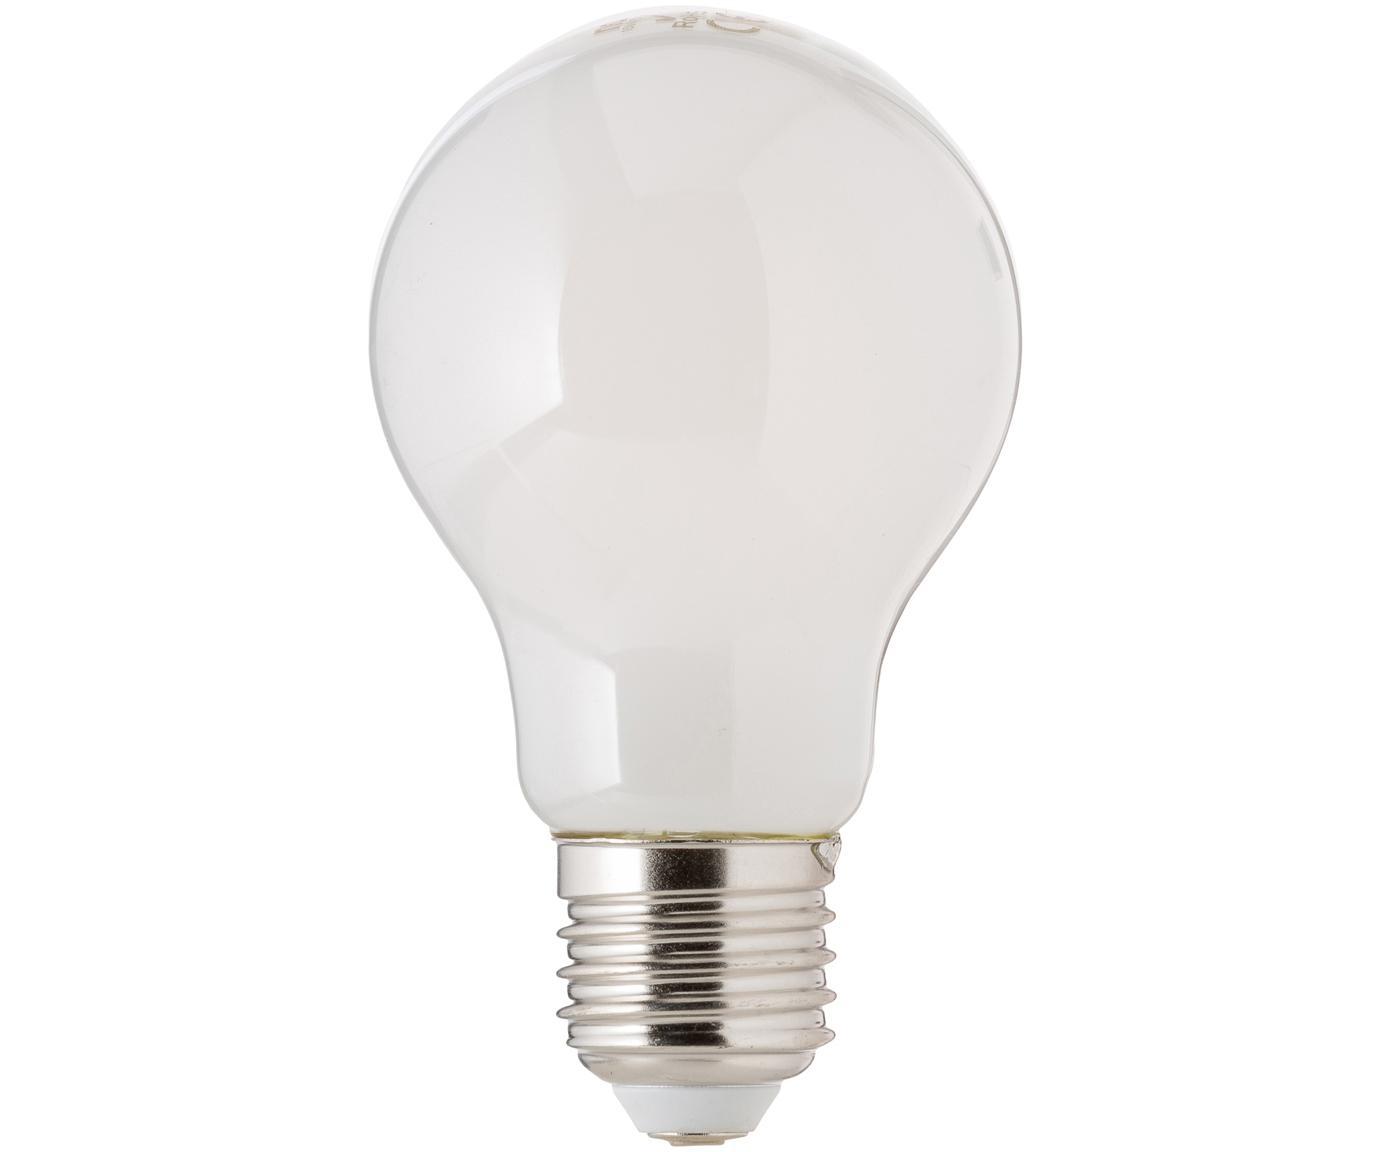 Żarówka LED z funkcją przyciemniania Bafa (E27/8W), Biały, Ø 8 x W 10 cm